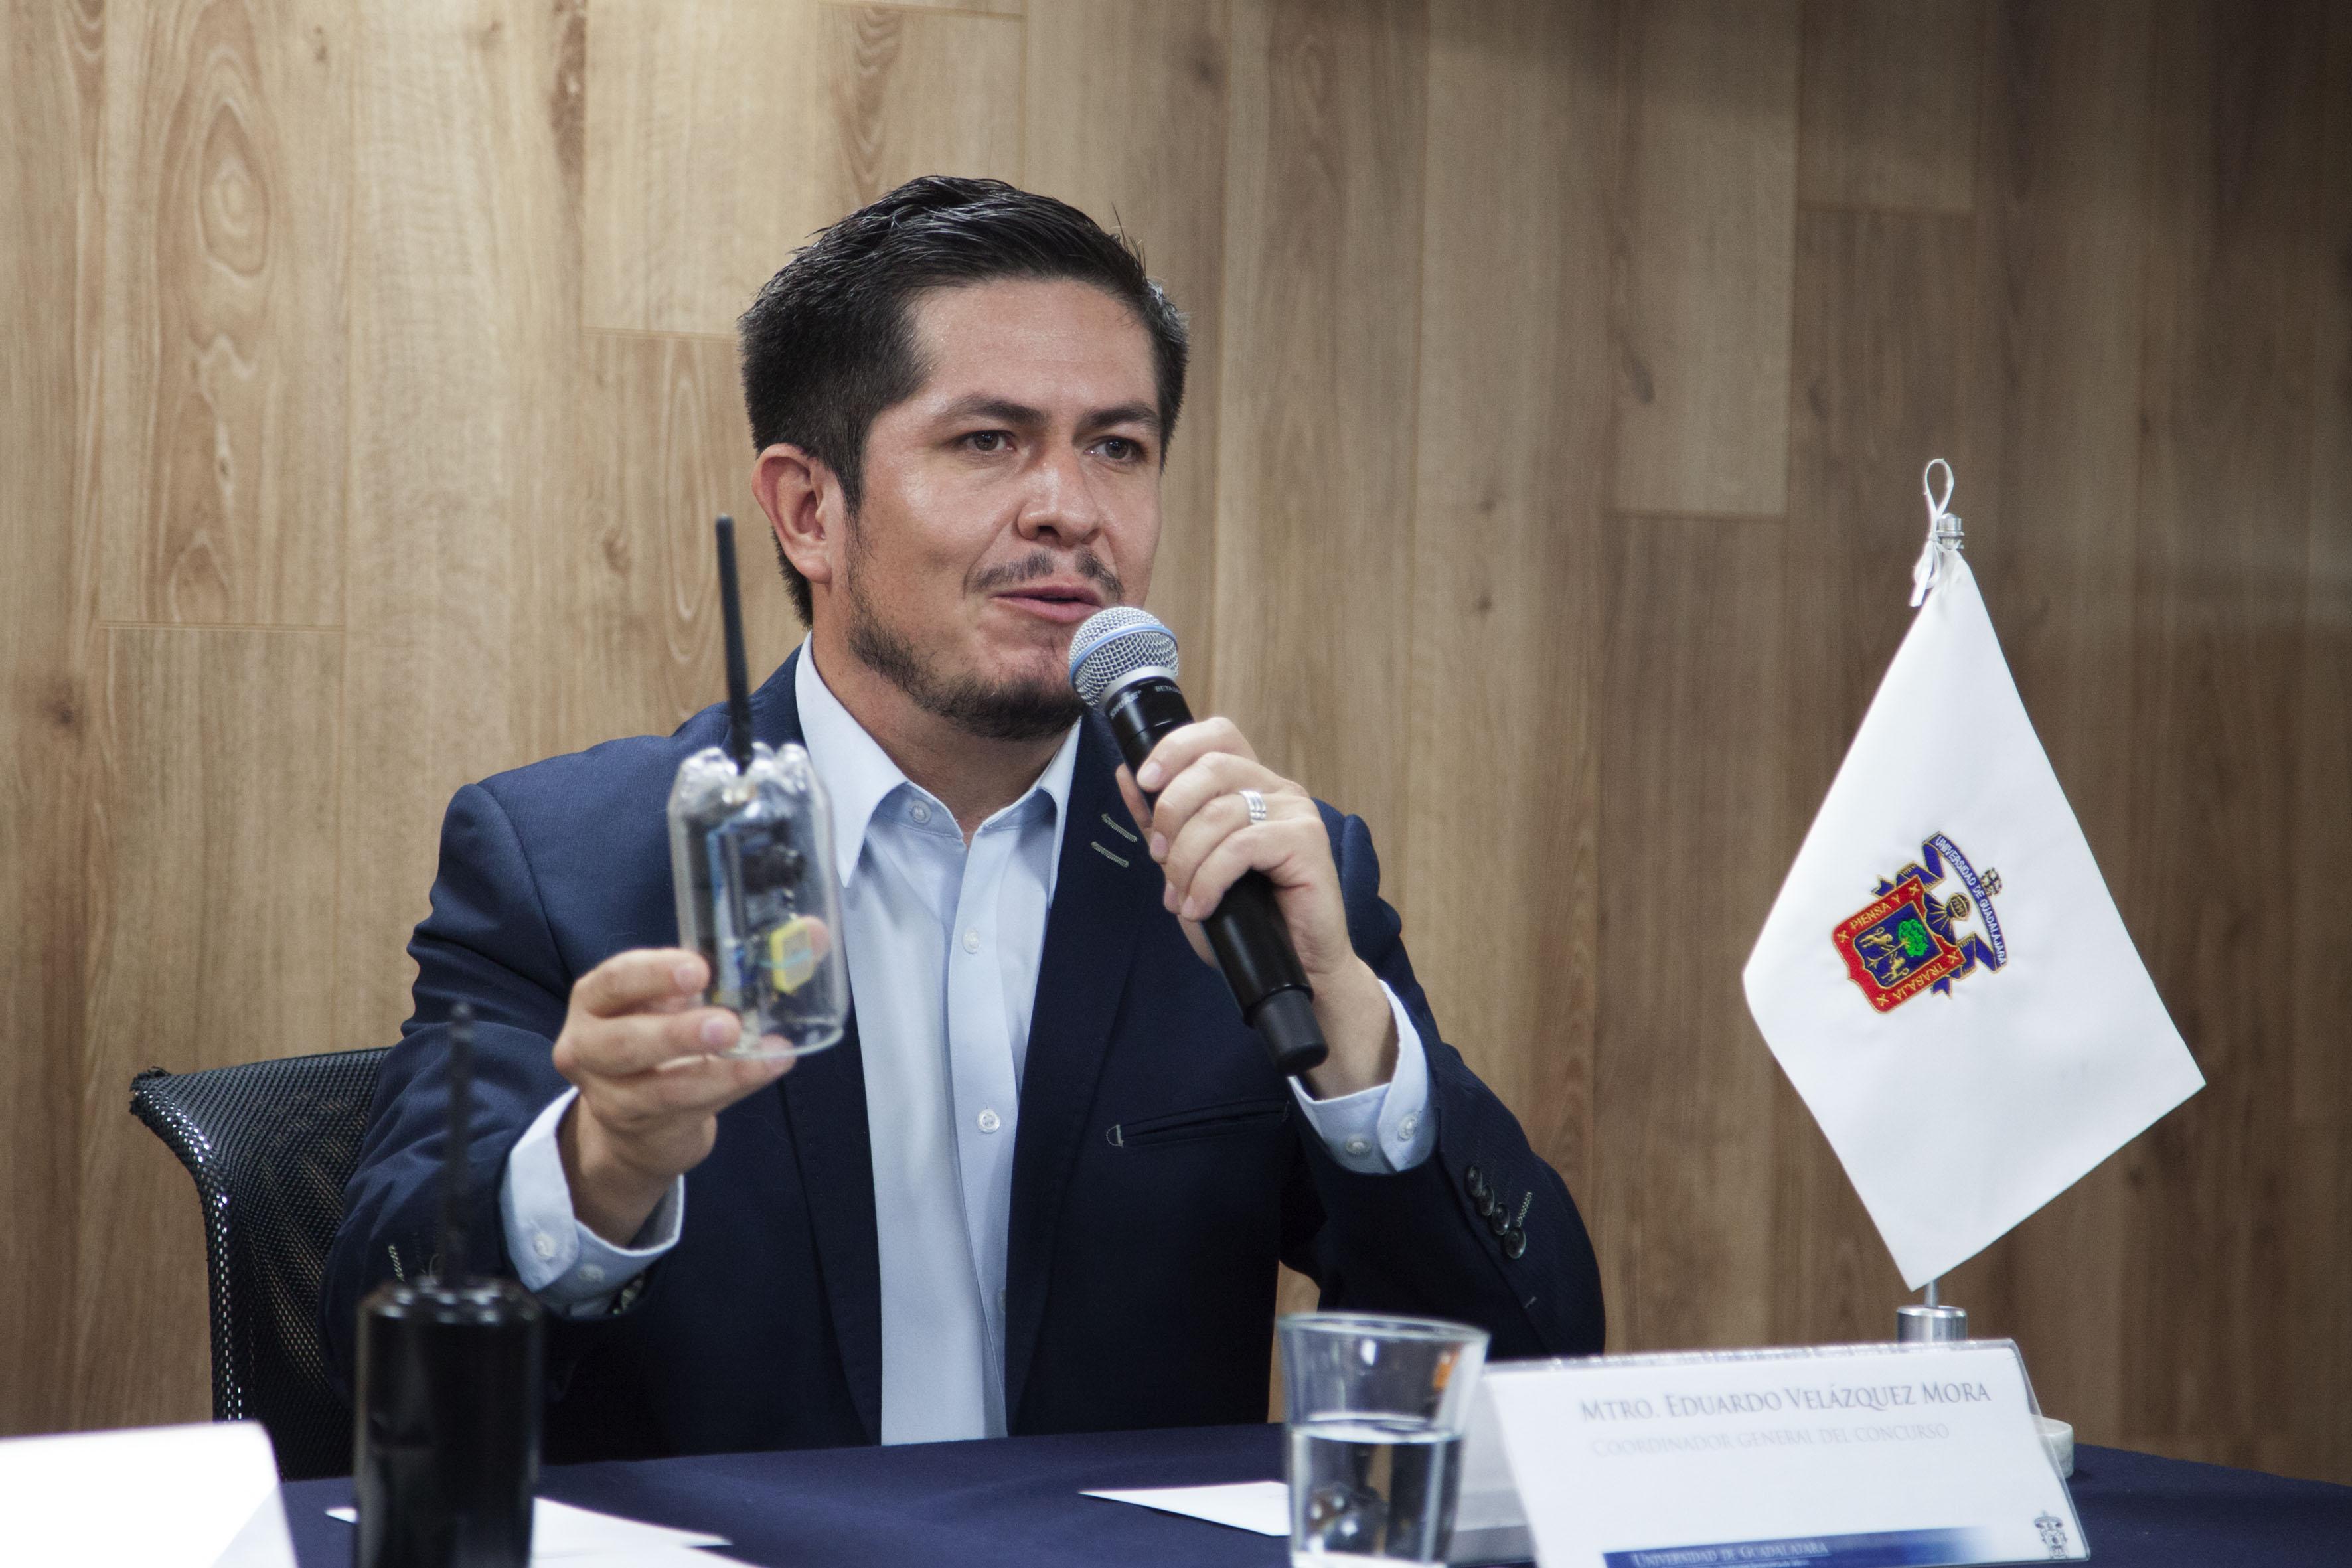 Dr.  Eduardo Velázquez Mora, coordinador del concurso participando en rueda de prensa